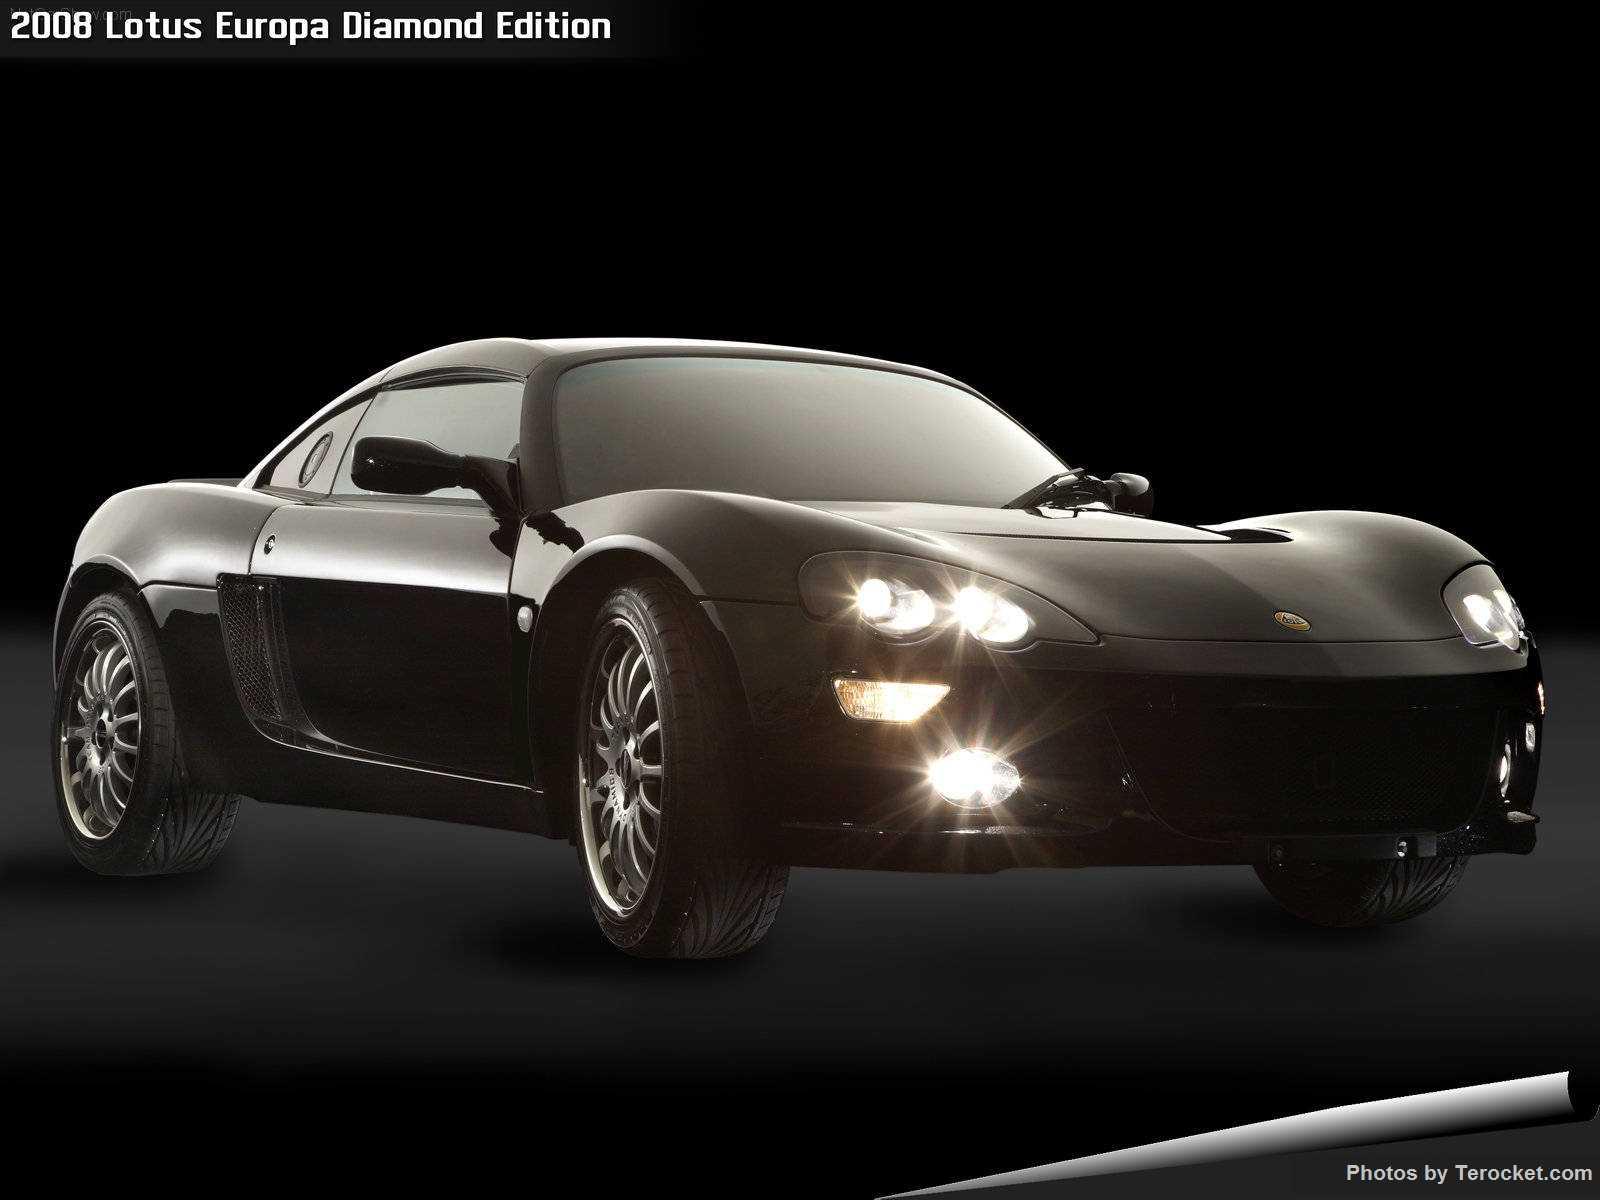 Hình ảnh siêu xe Lotus Europa Diamond Edition 2008 & nội ngoại thất